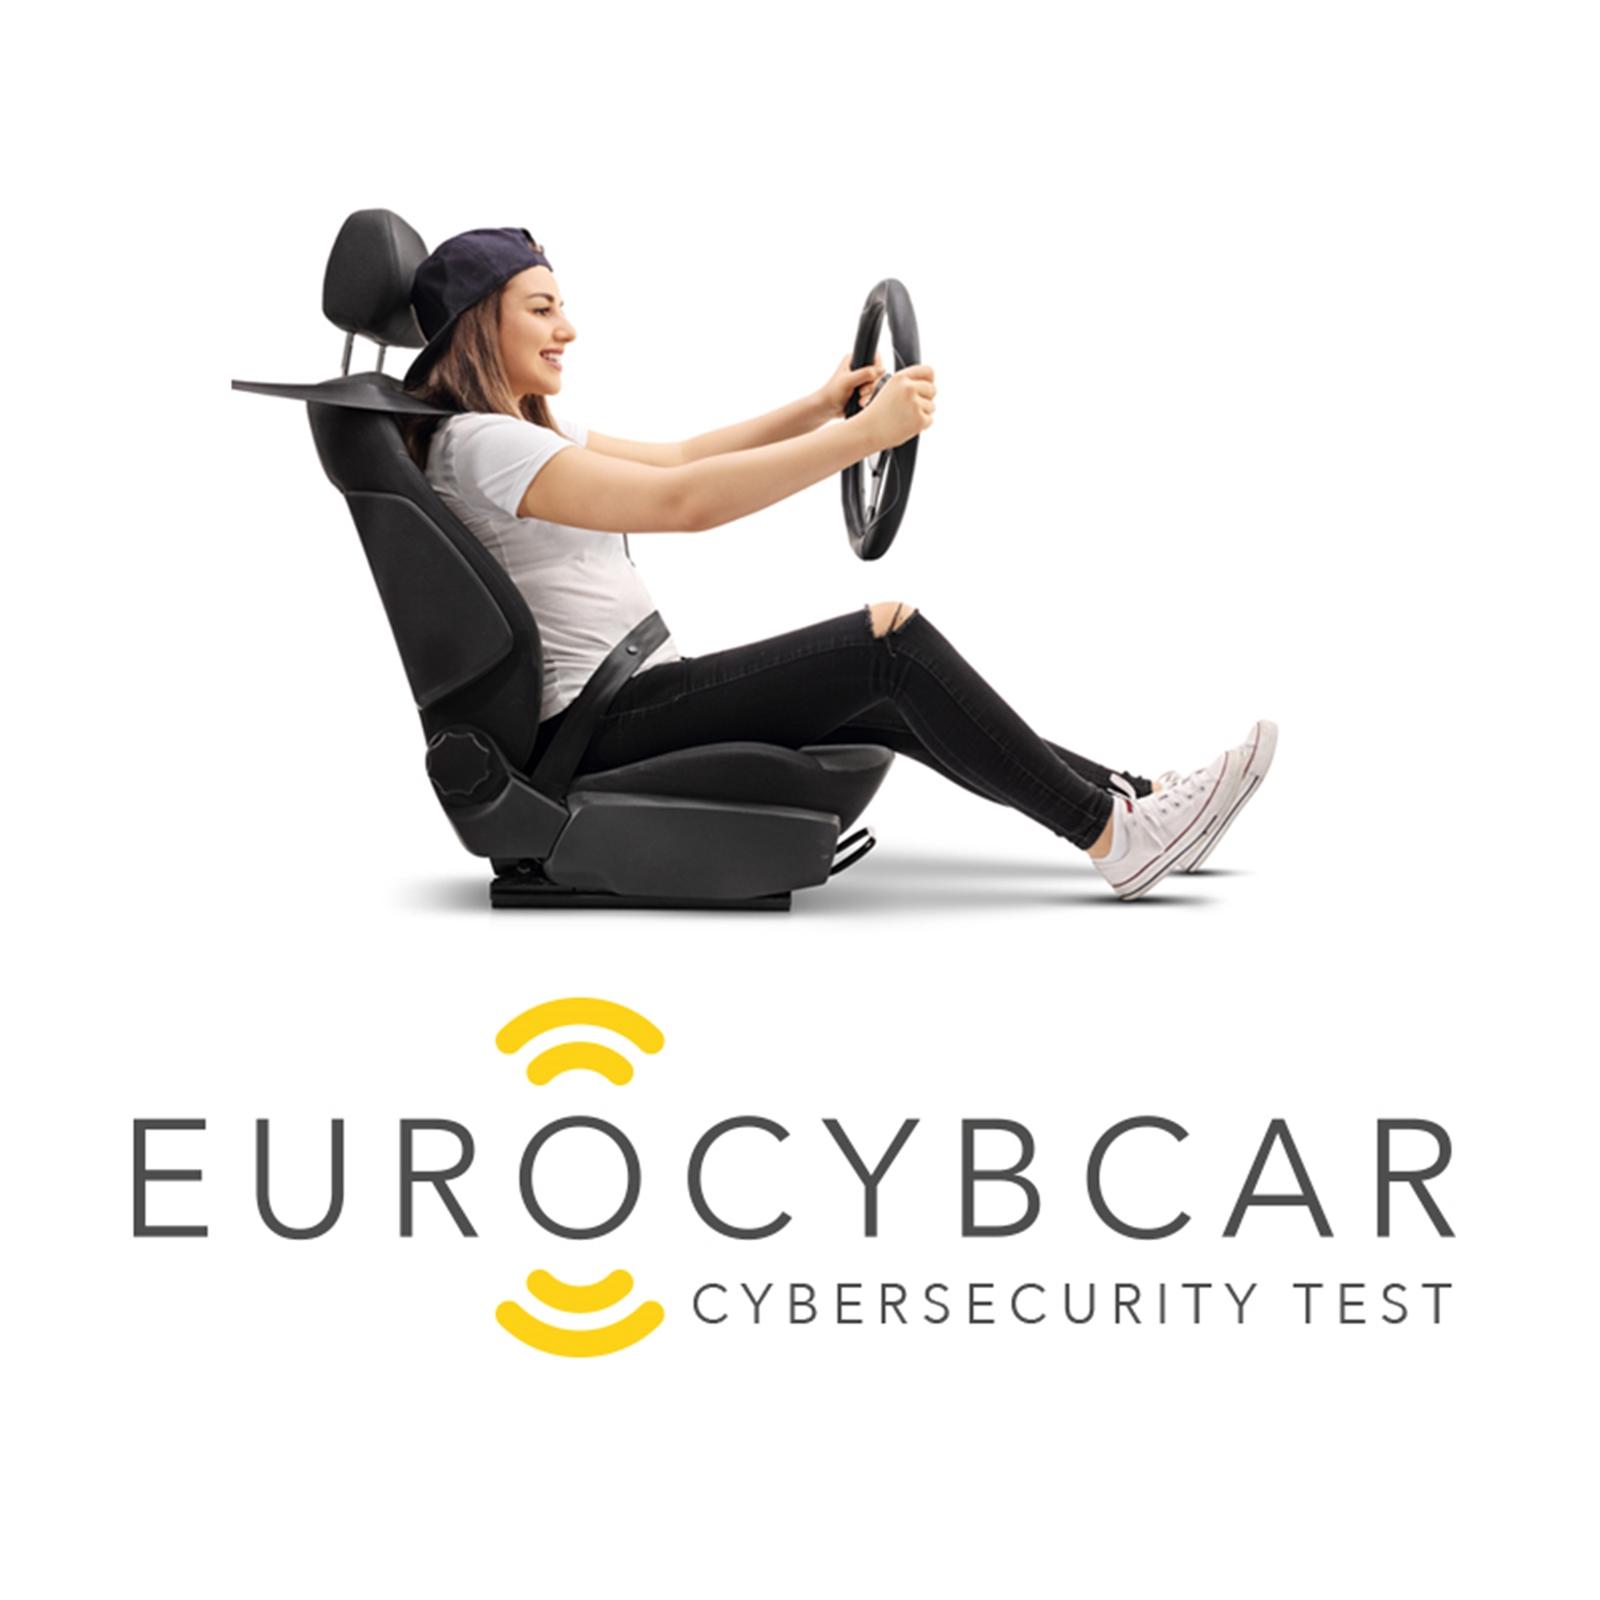 Eurocybcar Ciberseguridad Coches (1)